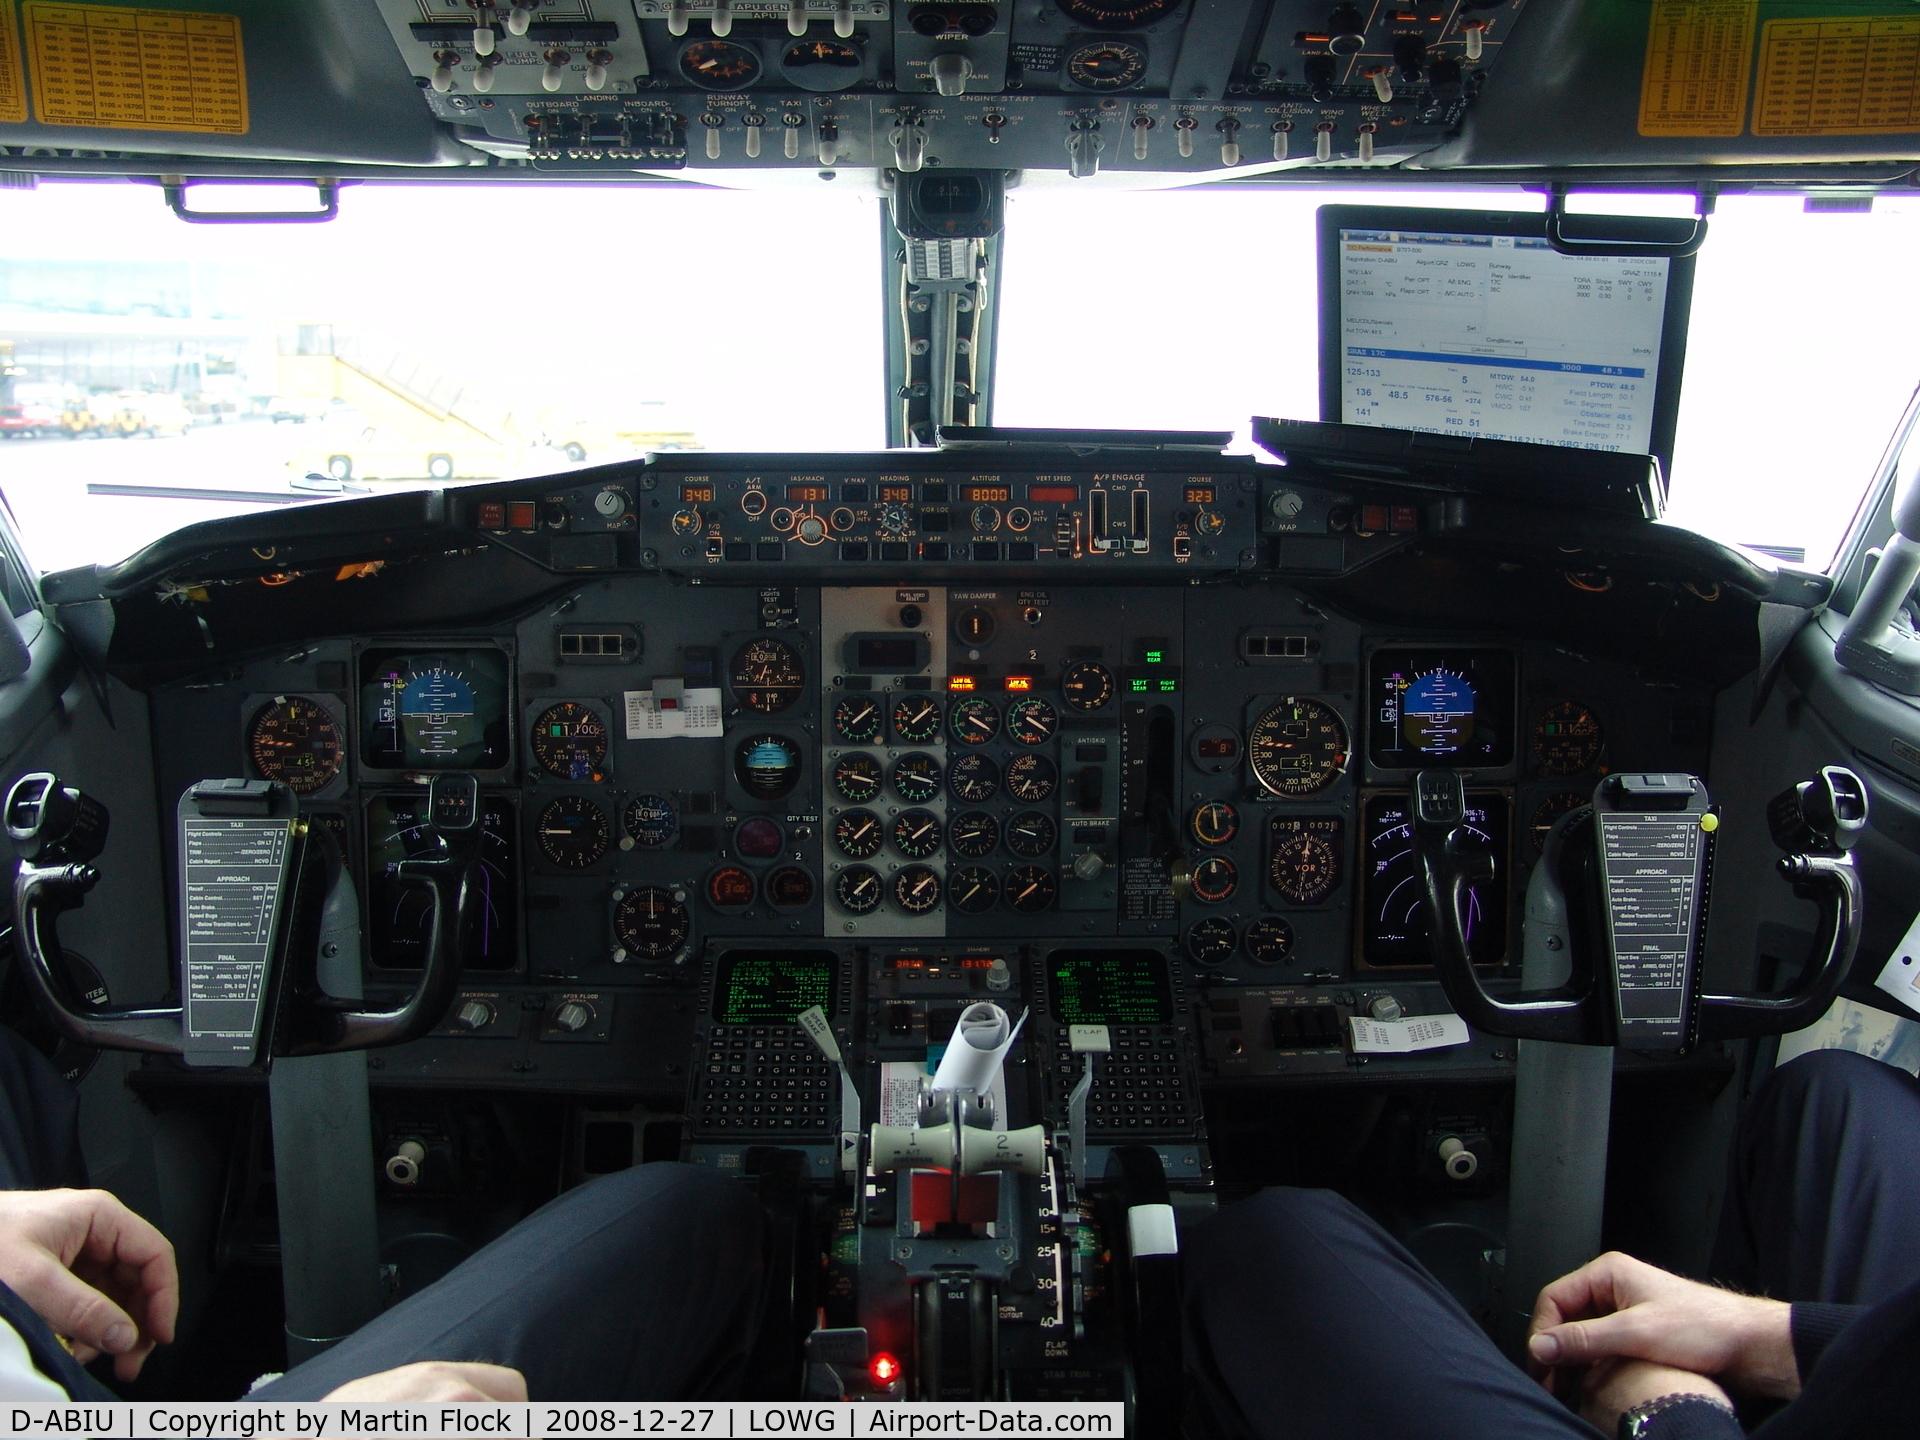 D-ABIU, 1991 Boeing 737-530 C/N 24944, .